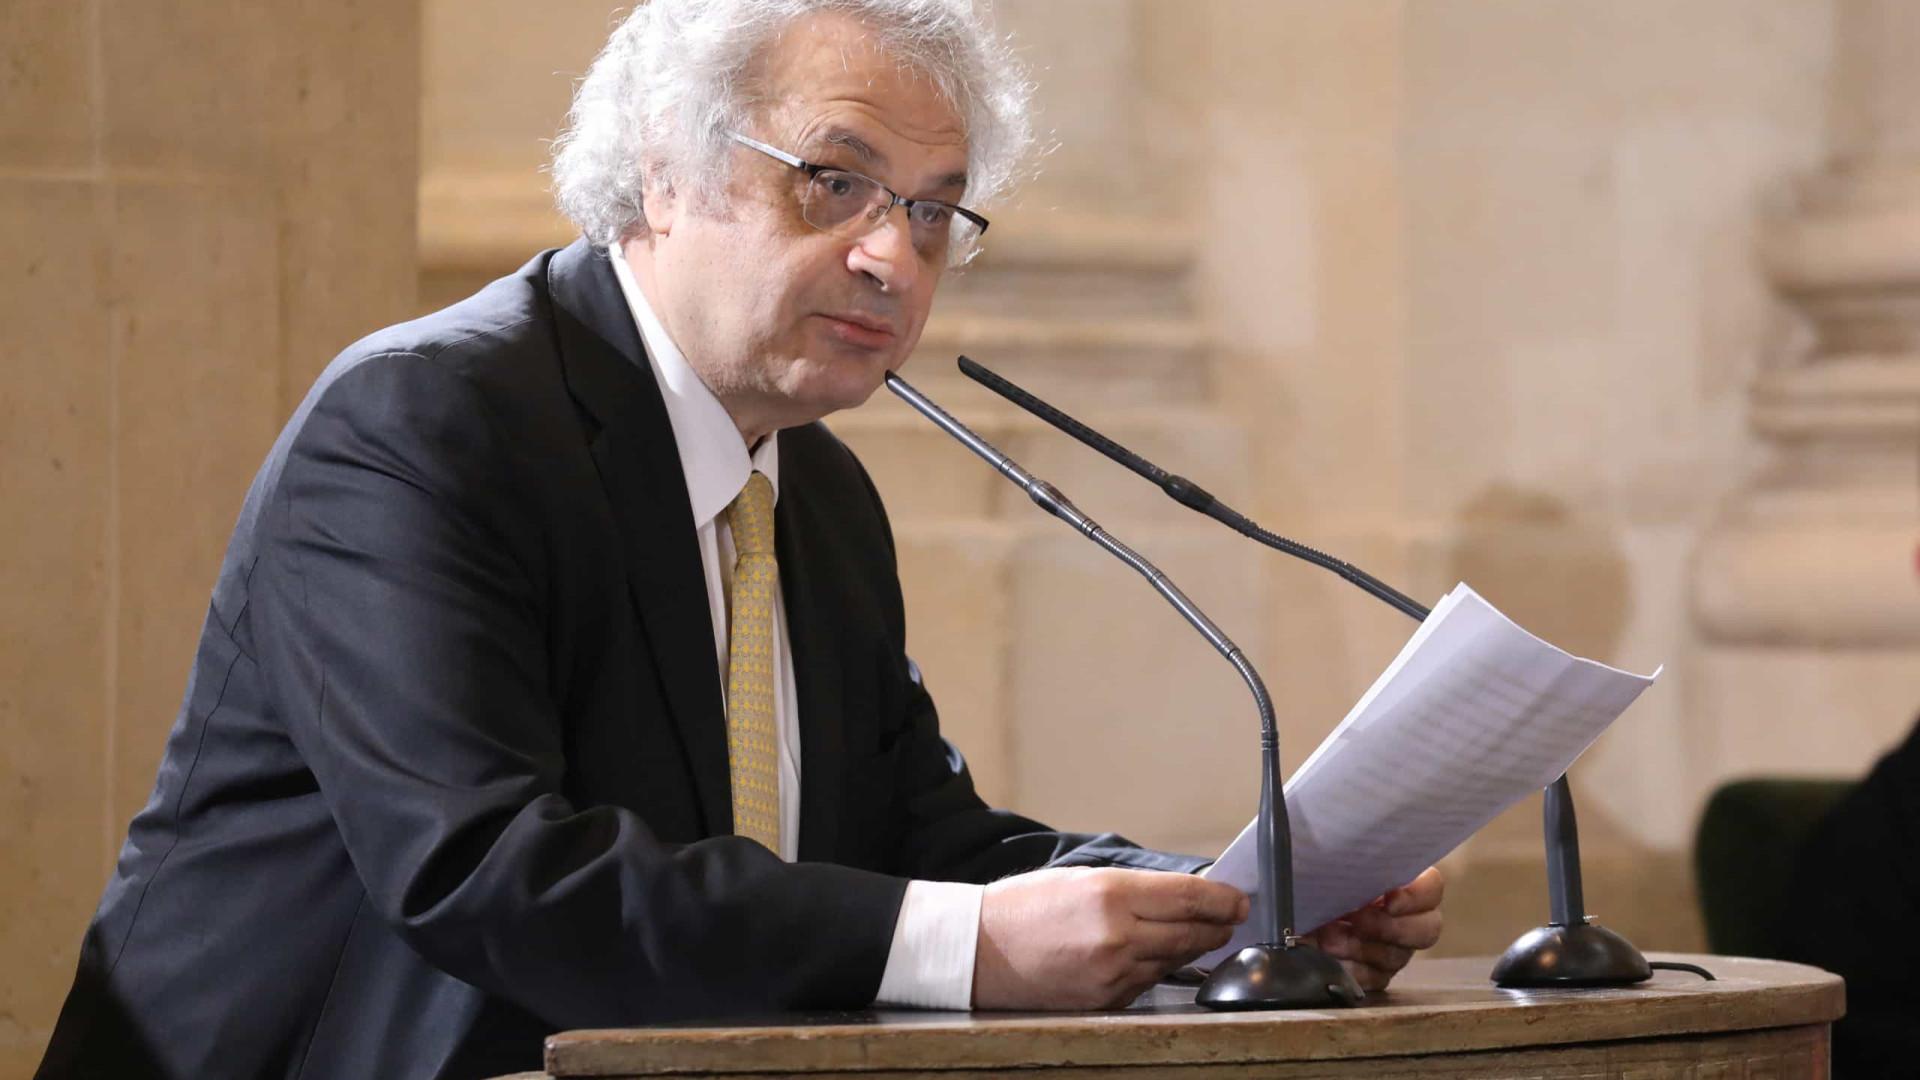 Escritor Amin Maalouf vence Prémio Calouste Gulbenkian 2019